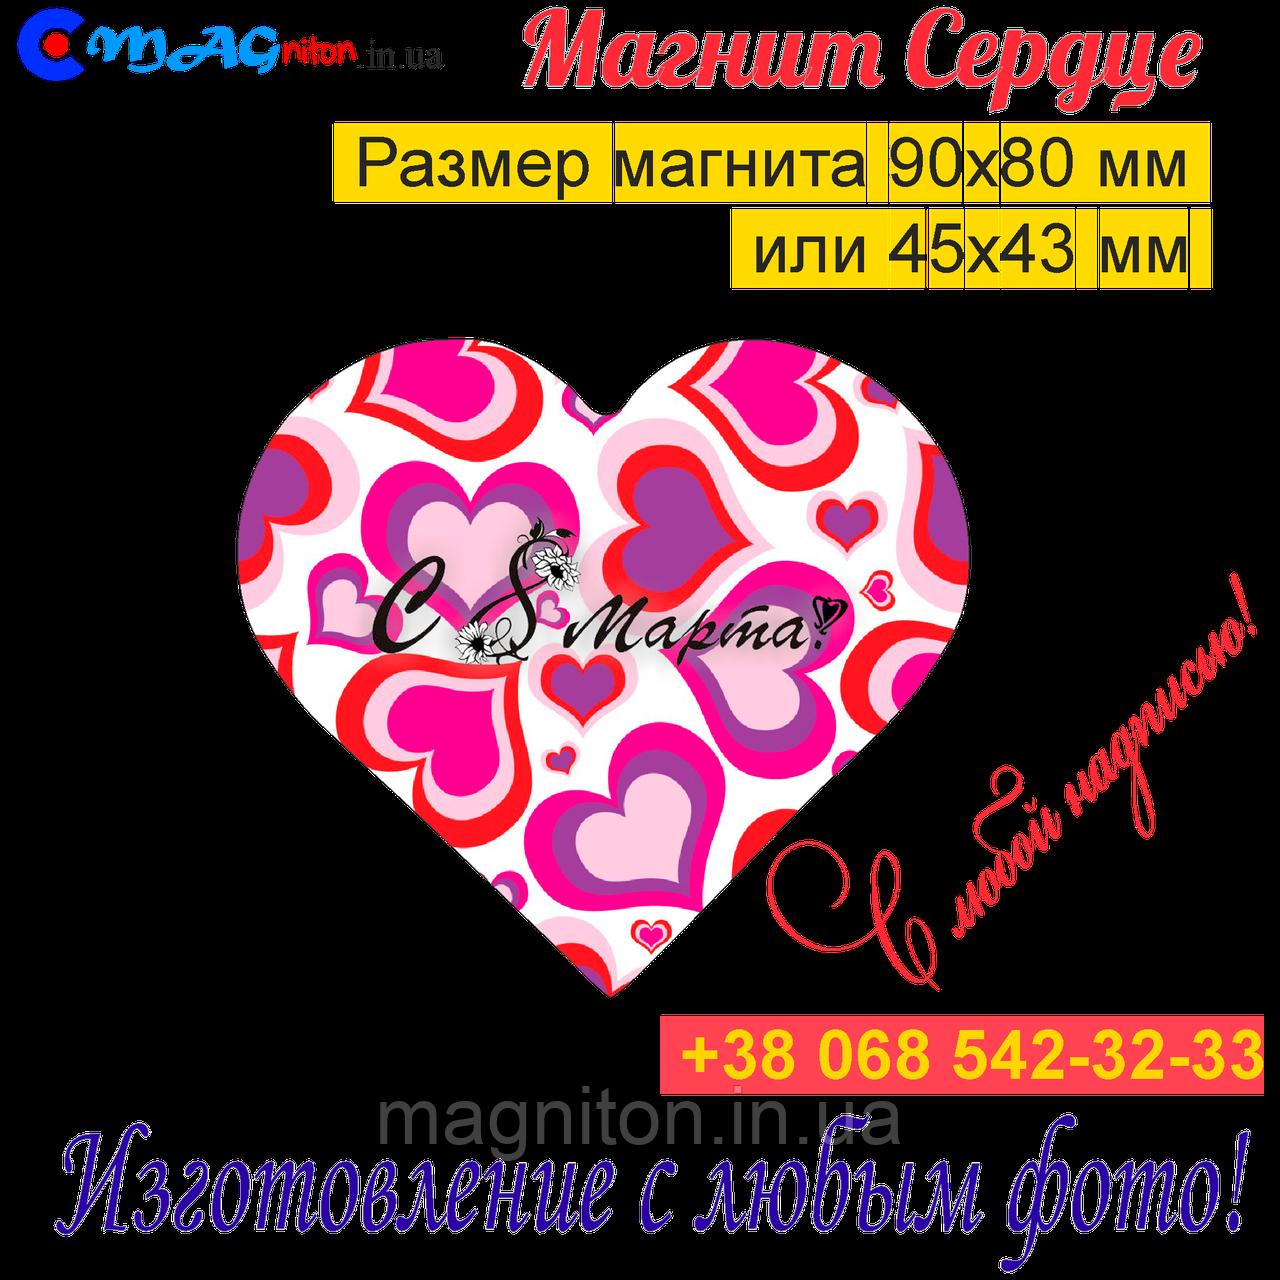 Магниты на холодильник Сердце 036. С 8 марта